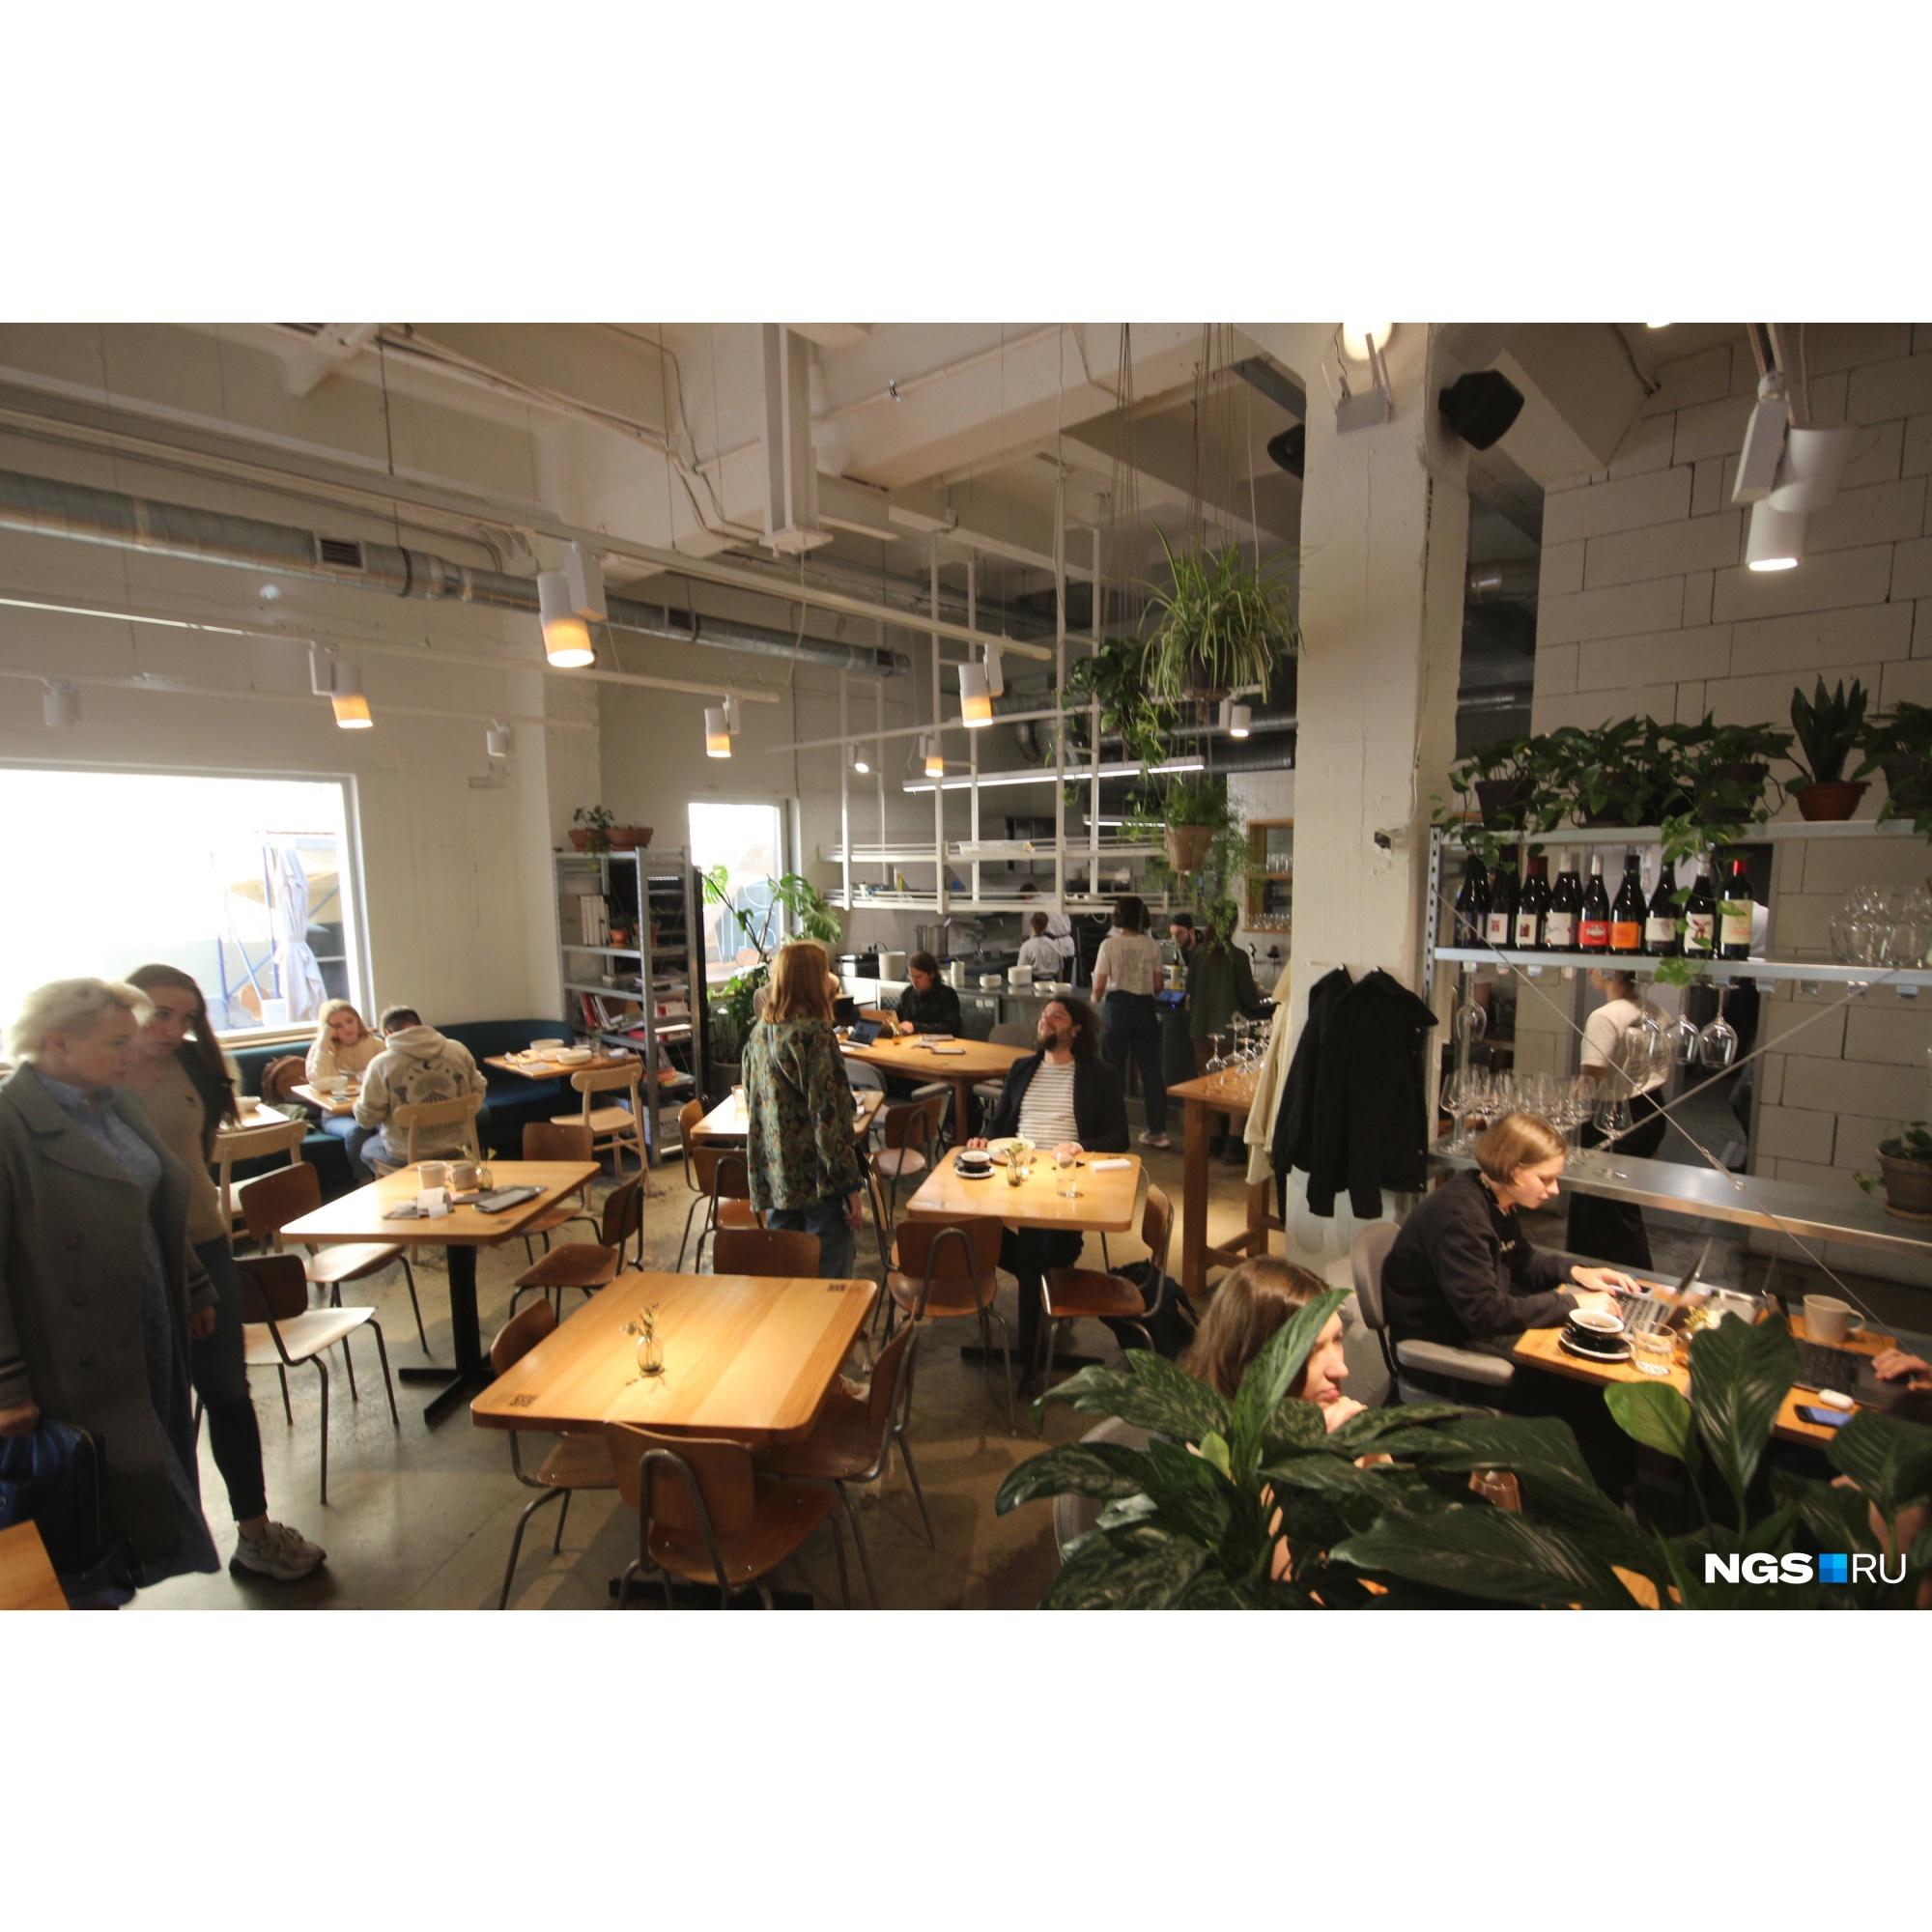 «Футура» — кафе в бывшей промзоне, где в обед бывает трудно найти свободное место